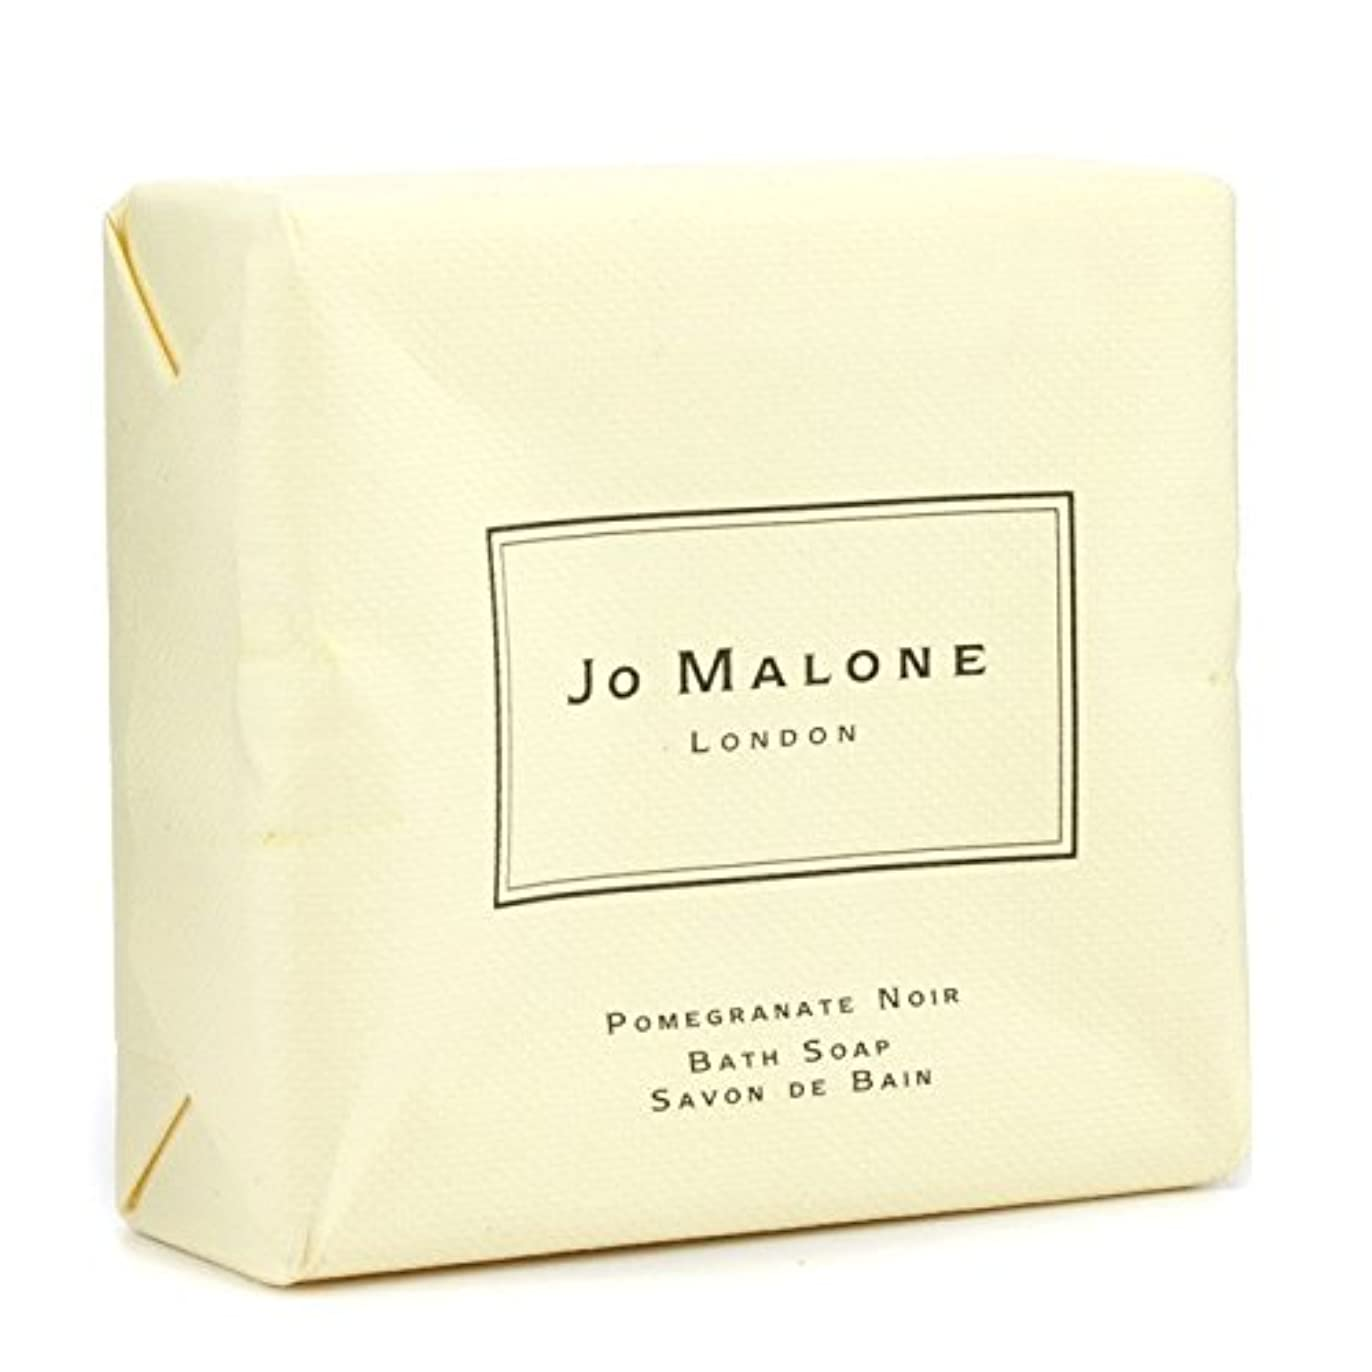 ディプロマから幸運なことにJo Malone ジョーマローン ポメグラネート ノアール バスソープ 100g [並行輸入品]